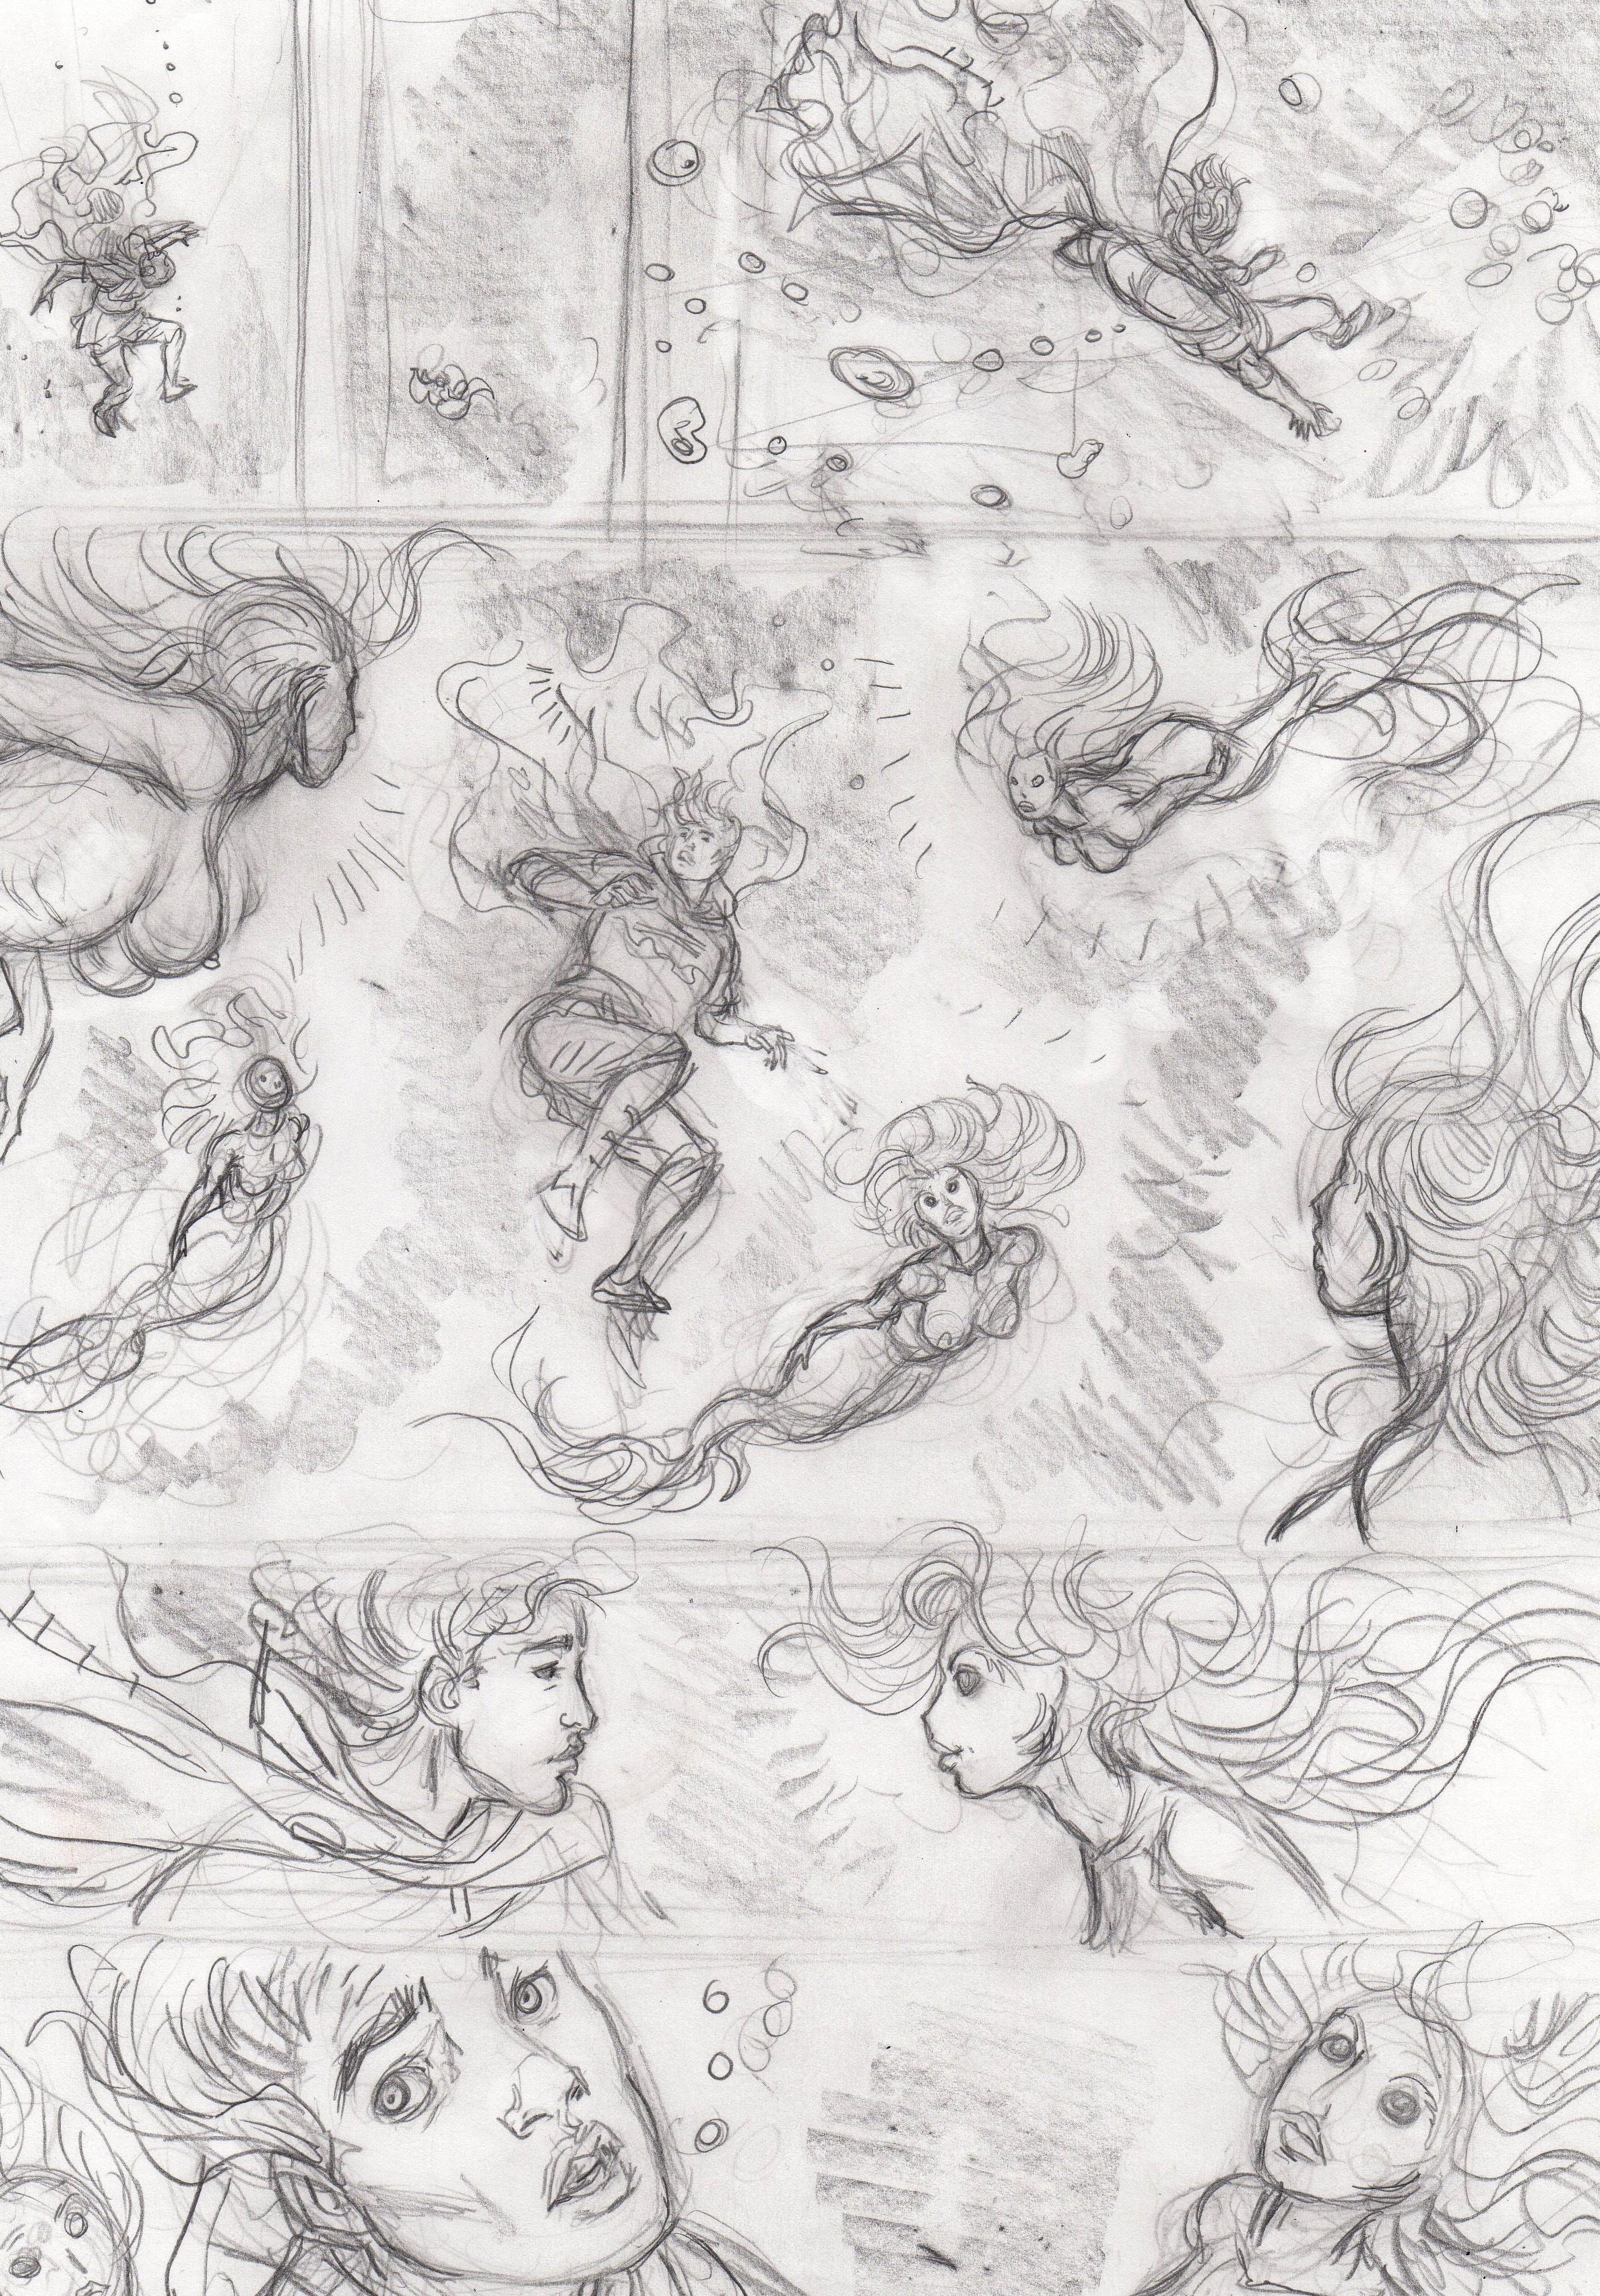 Storyboard_Les_Druides_tome_5_page_3_crayon_sur_papier_format_am_ricain_11_pouces_x_17_pouces_100_euros-1511340643.jpg